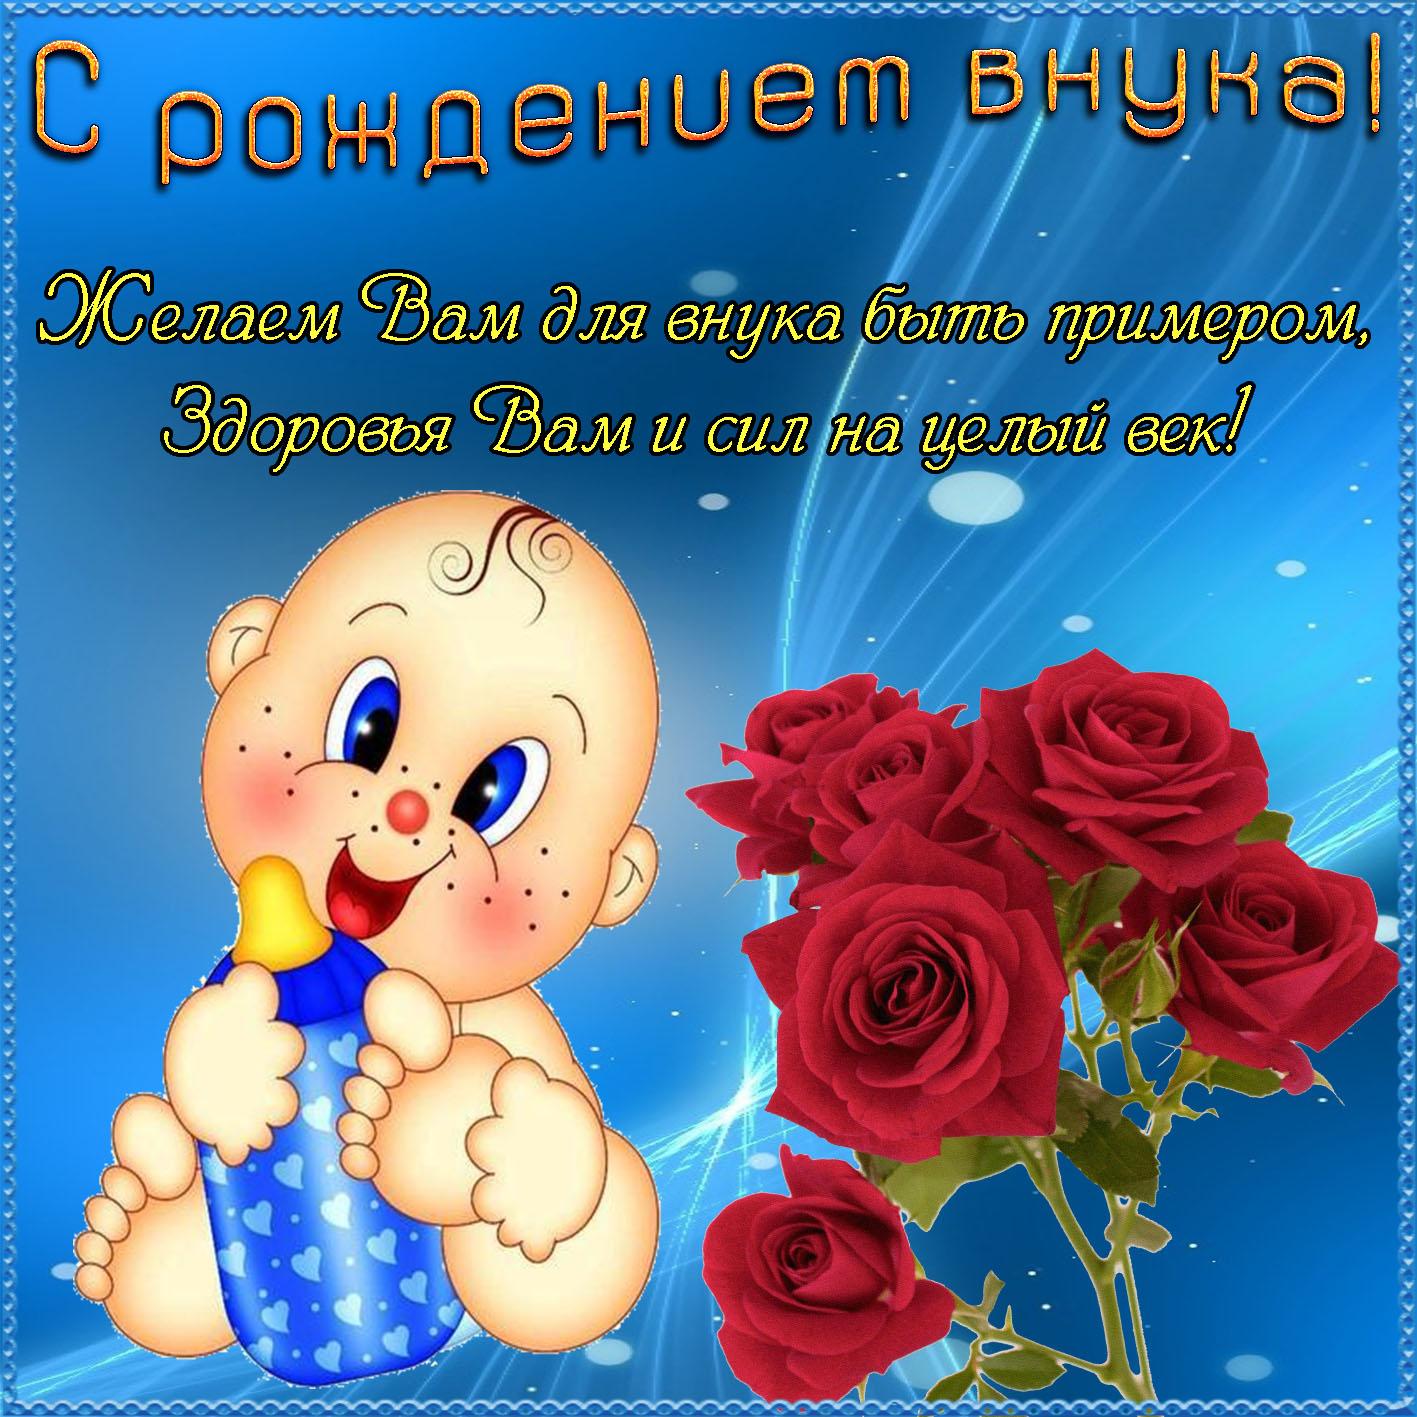 Открытки с поздравлением бабушку с внуком, день россии